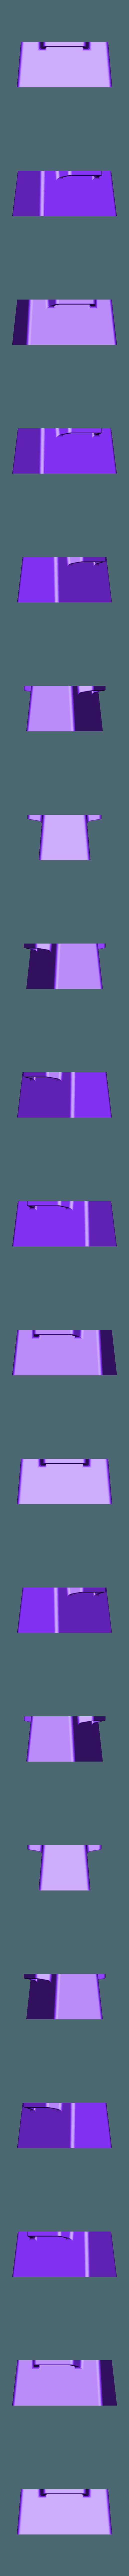 Snow Igloo Mold-02.STL Télécharger fichier STL gratuit Moule à brique à neige pour l'extérieur - Forteresse Igloo • Objet imprimable en 3D, Trikonics